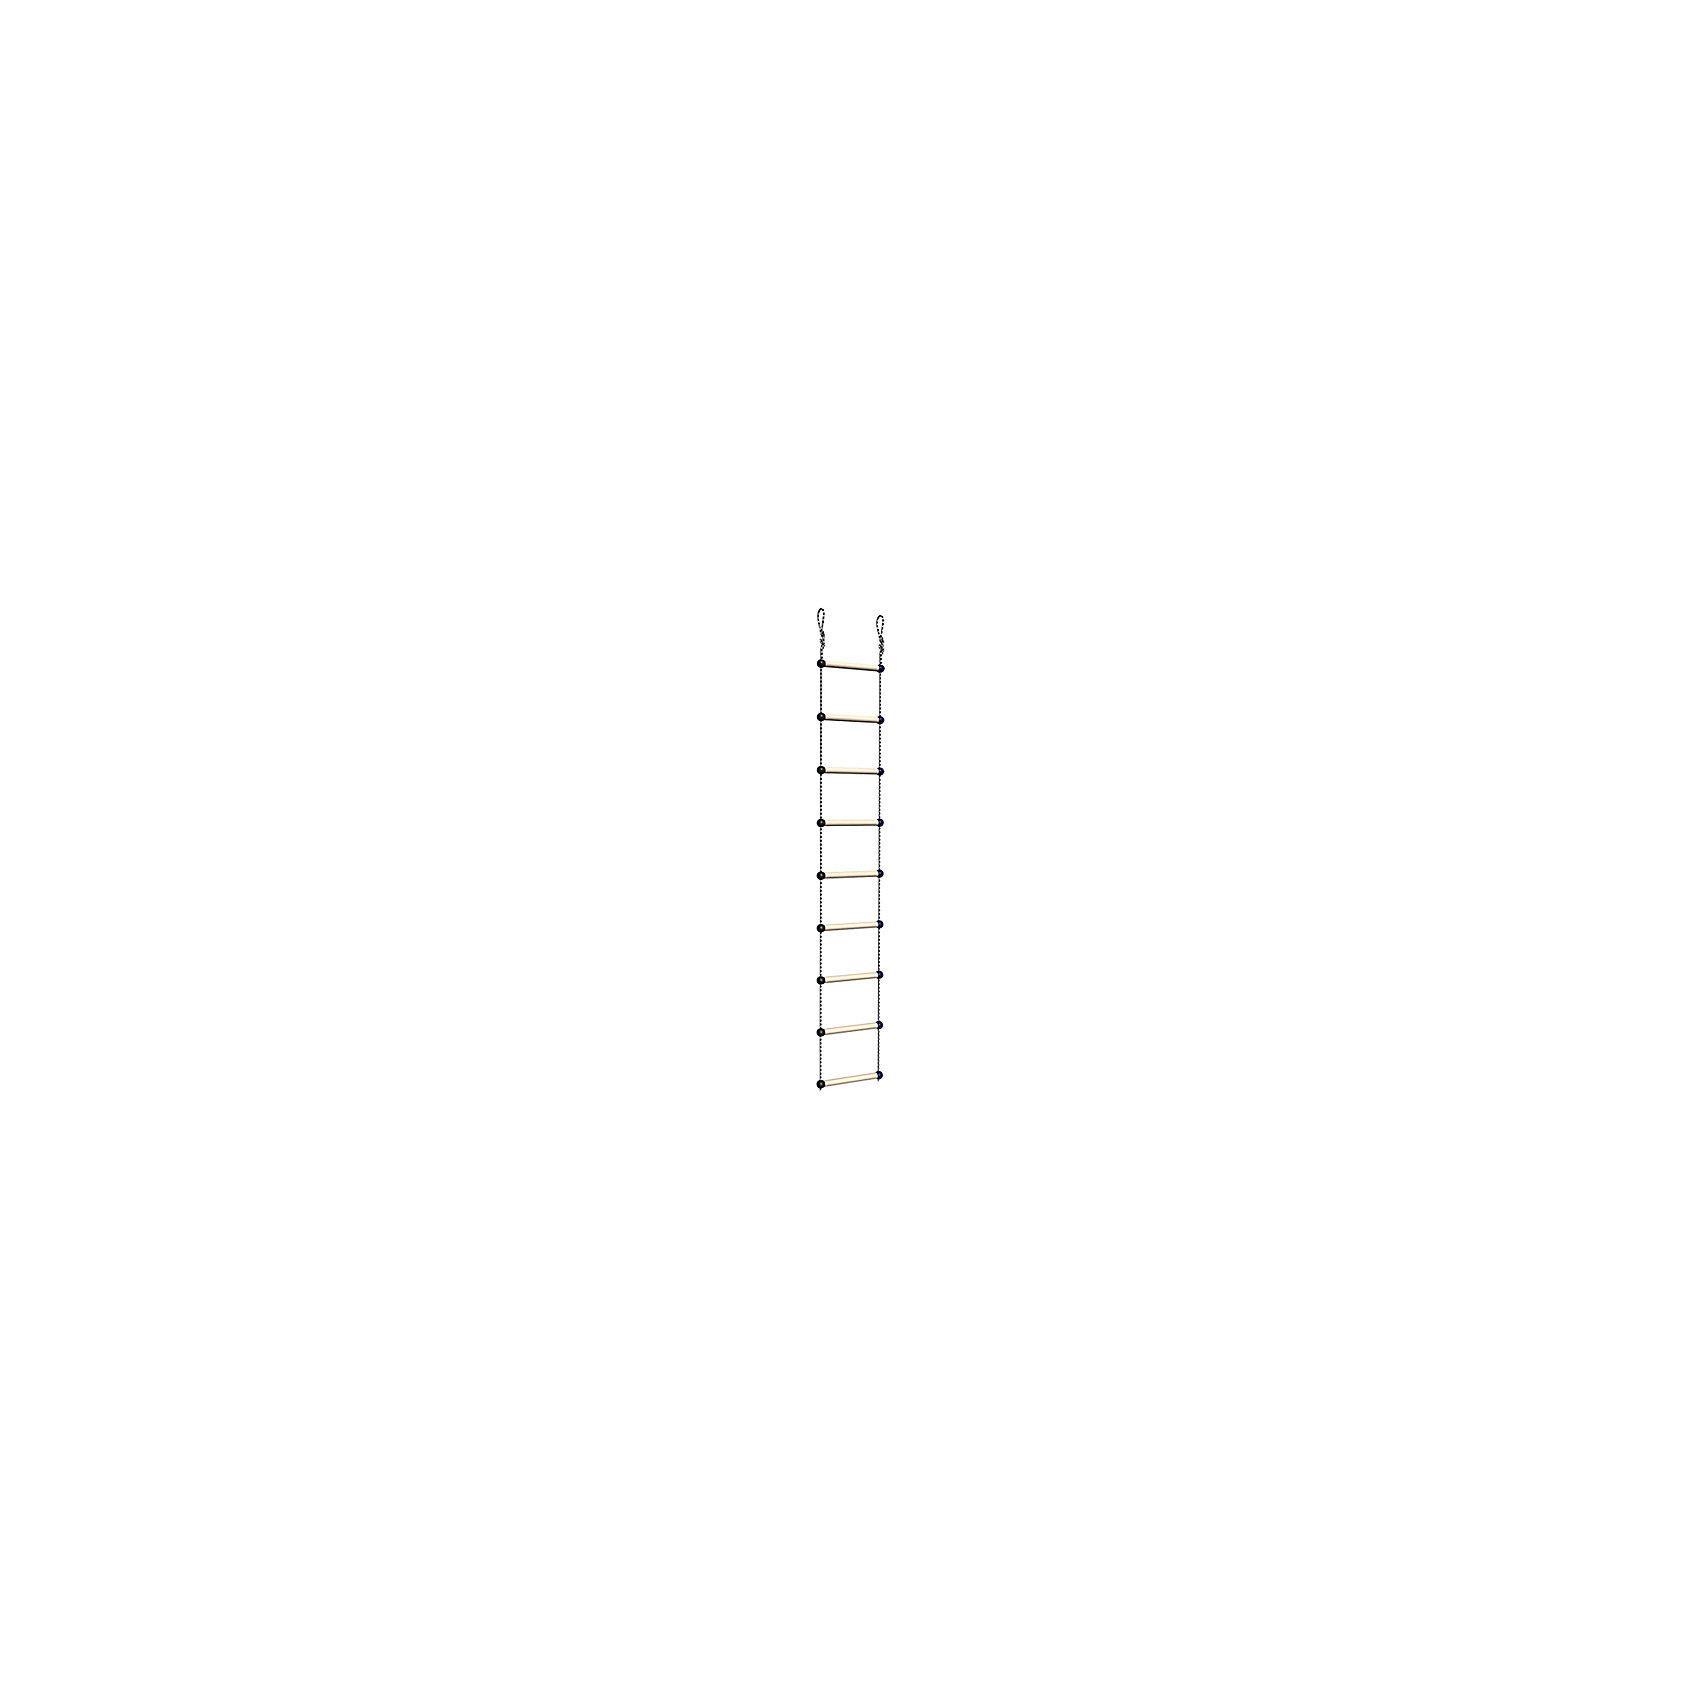 Лестница веревочная, ROMANAЛестница веревочная, ROMANA<br><br>Характеристики:<br><br>• Высота: 230 см<br>• Материал: дерево<br>• Максимальная нагрузка: 50 кг<br><br>Веревочная лестница послужит отличным дополнением к детскому спортивному комплексу. Благодаря крепким материалам и надежному креплению ребенок не получит травму и использование лестницы будет полностью безопасным. Такая лестница подходит к другим модулям из этой серии. Несмотря на то, что лестница «веревочная», она имеет достаточно устойчивые ступеньки.<br><br>Лестницу веревочную, ROMANA можно купить в нашем интернет-магазине.<br><br>Ширина мм: 380<br>Глубина мм: 300<br>Высота мм: 50<br>Вес г: 2000<br>Возраст от месяцев: 36<br>Возраст до месяцев: 192<br>Пол: Унисекс<br>Возраст: Детский<br>SKU: 4993388